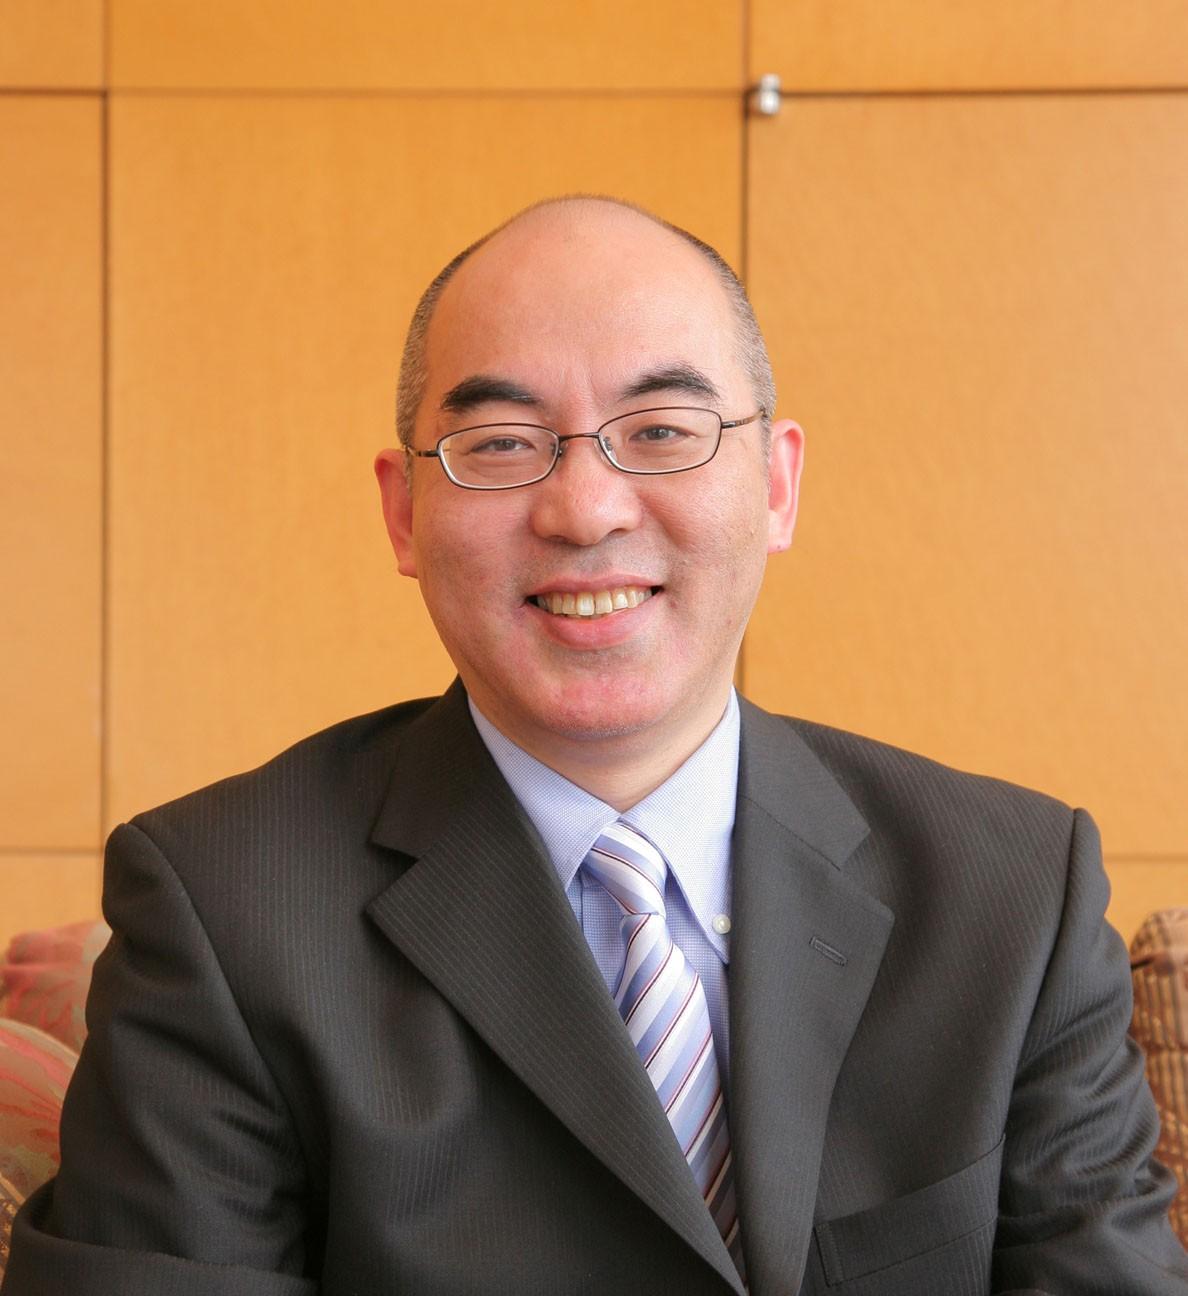 http://atta2.weblogs.jp/.a/6a01287589fbf4970c0167684e45c6970b-pi